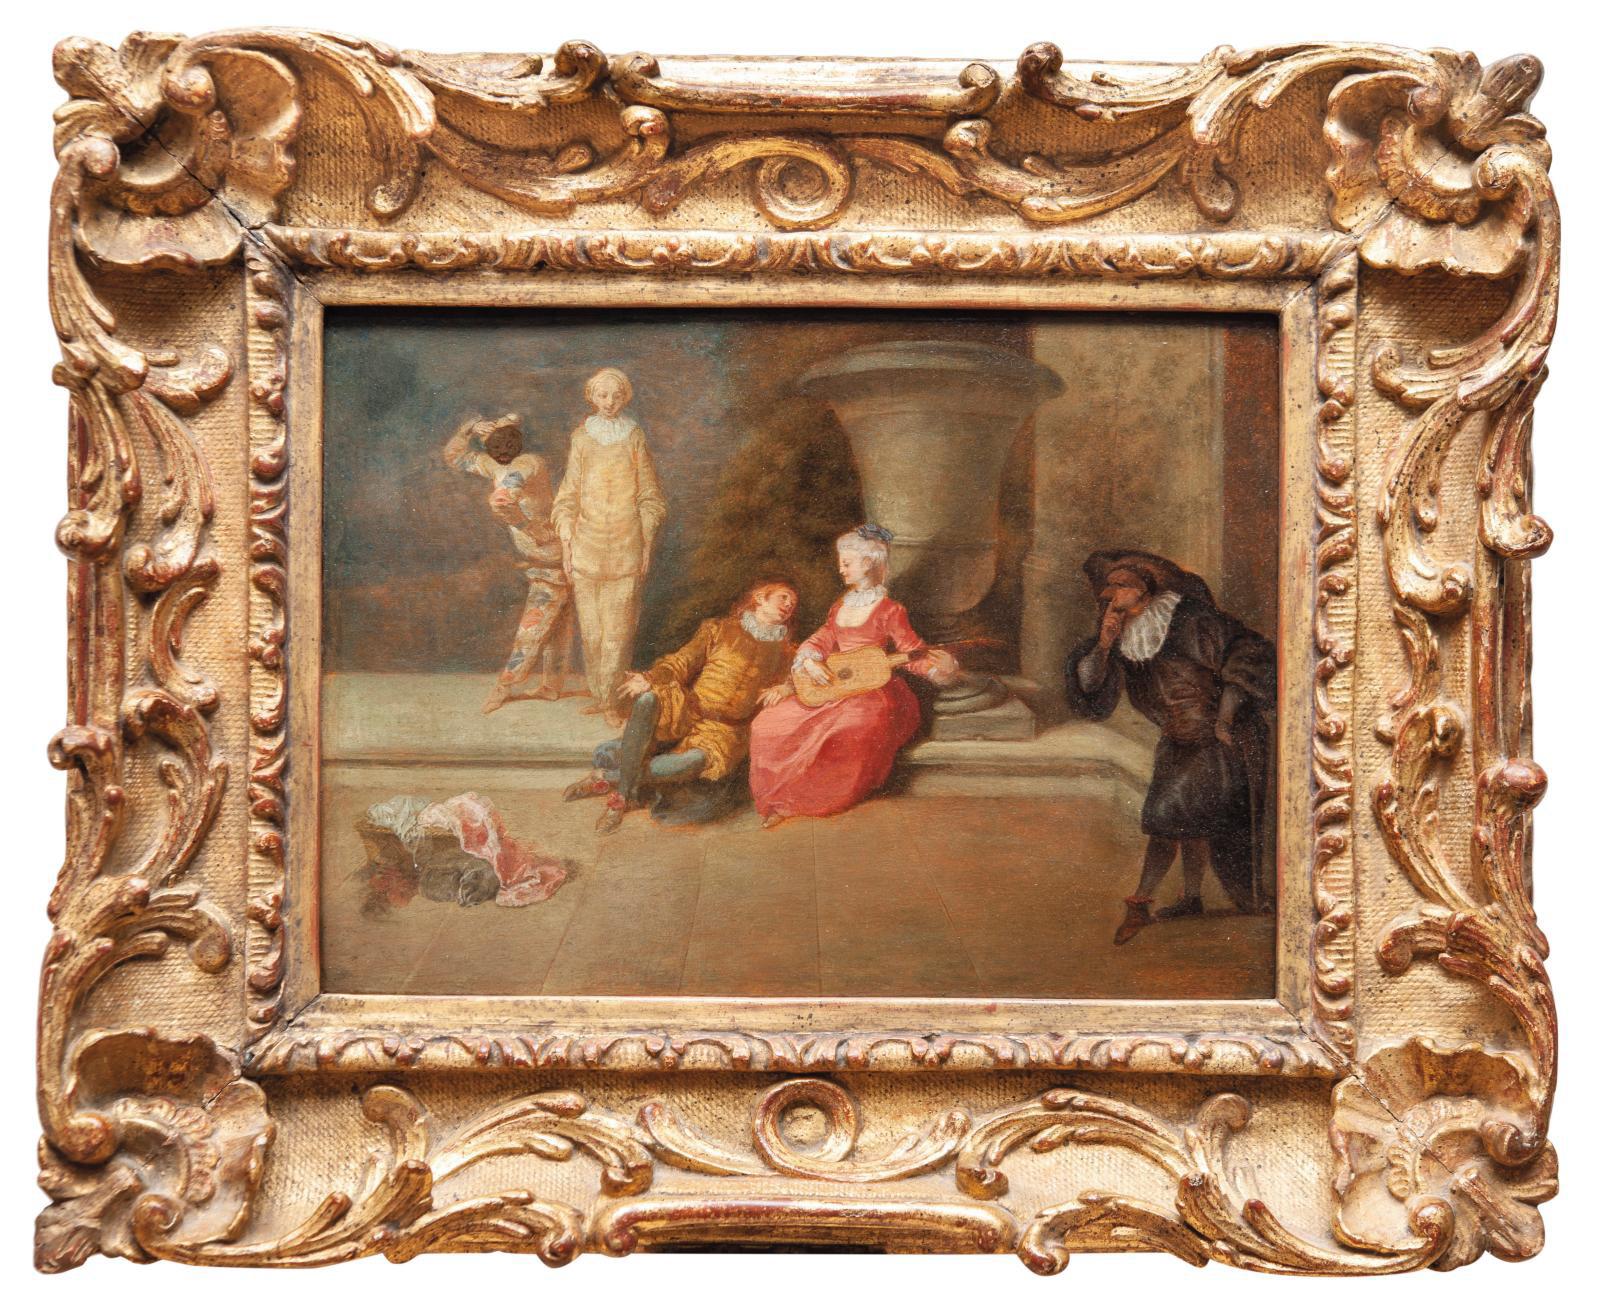 Jean-Antoine Watteau (1684-1721), Pour garder l'honneur d'une belle, prepared oak panel, 20 x 27.5 cm/7.9 x 10.8 in.Result: €180,320